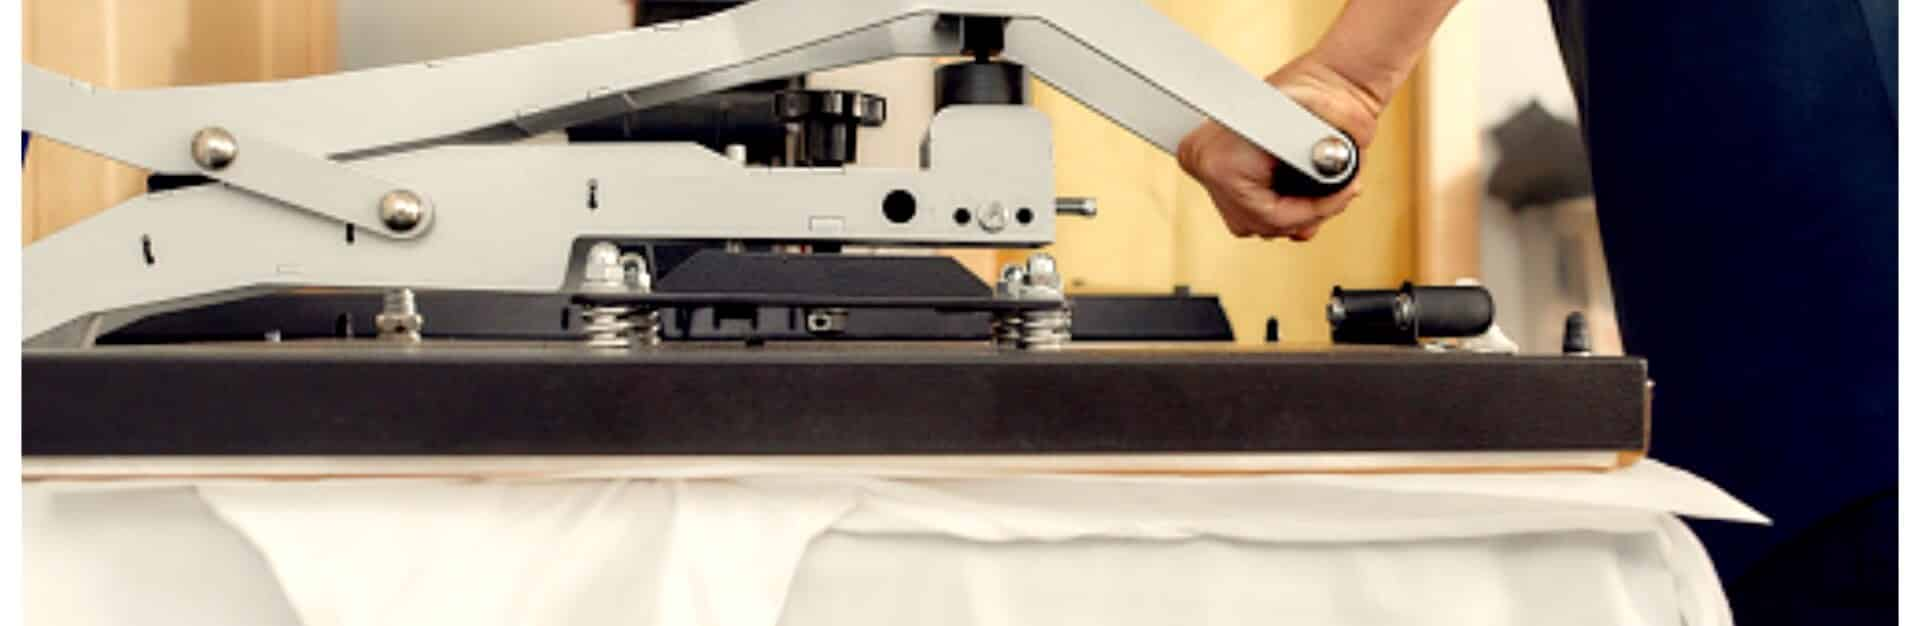 Kuumpresstrükk sobib hästi tekstiilile